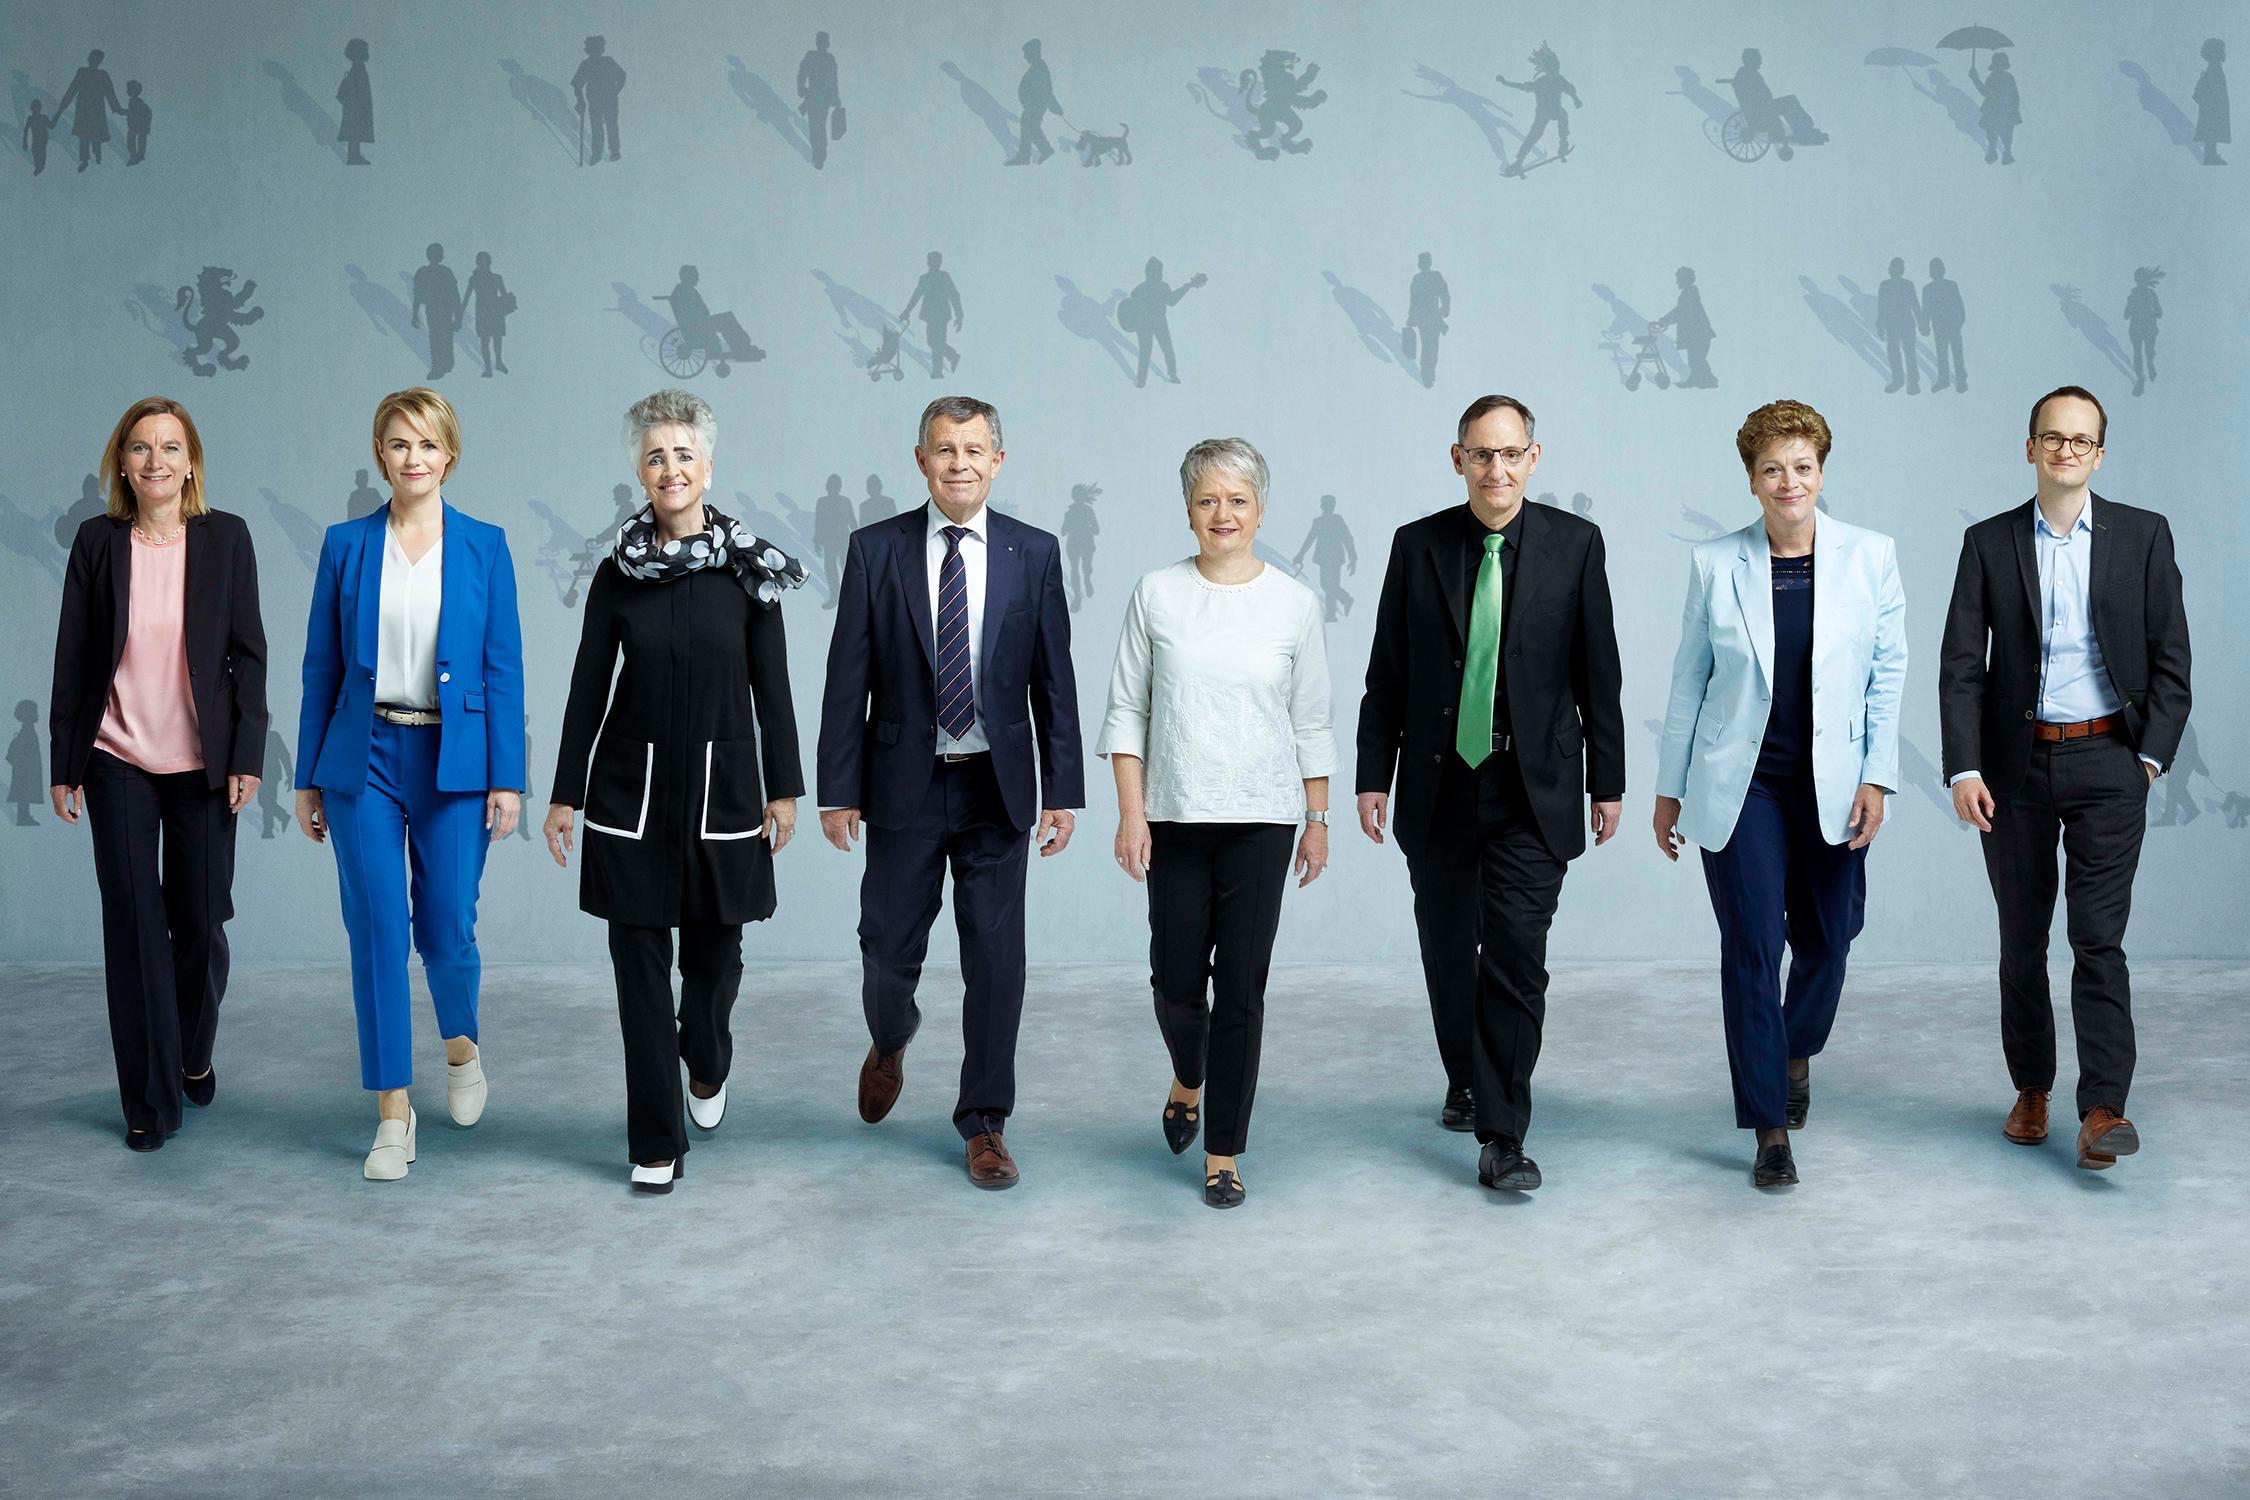 Bild: Monika Flückiger ©Staatskanzlei ZH; von links nach rechts: Dr. Kathrin Arioli (Staatsschreiberin), Natalie Rickli, Carmen Walker Späh, Ernst Stocker (Vizepräsident 2021/2022), Jacqueline Fehr (Präsidentin 2021/2022), Mario Fehr, Dr. Silvia Steiner, Dr. Martin Neukom